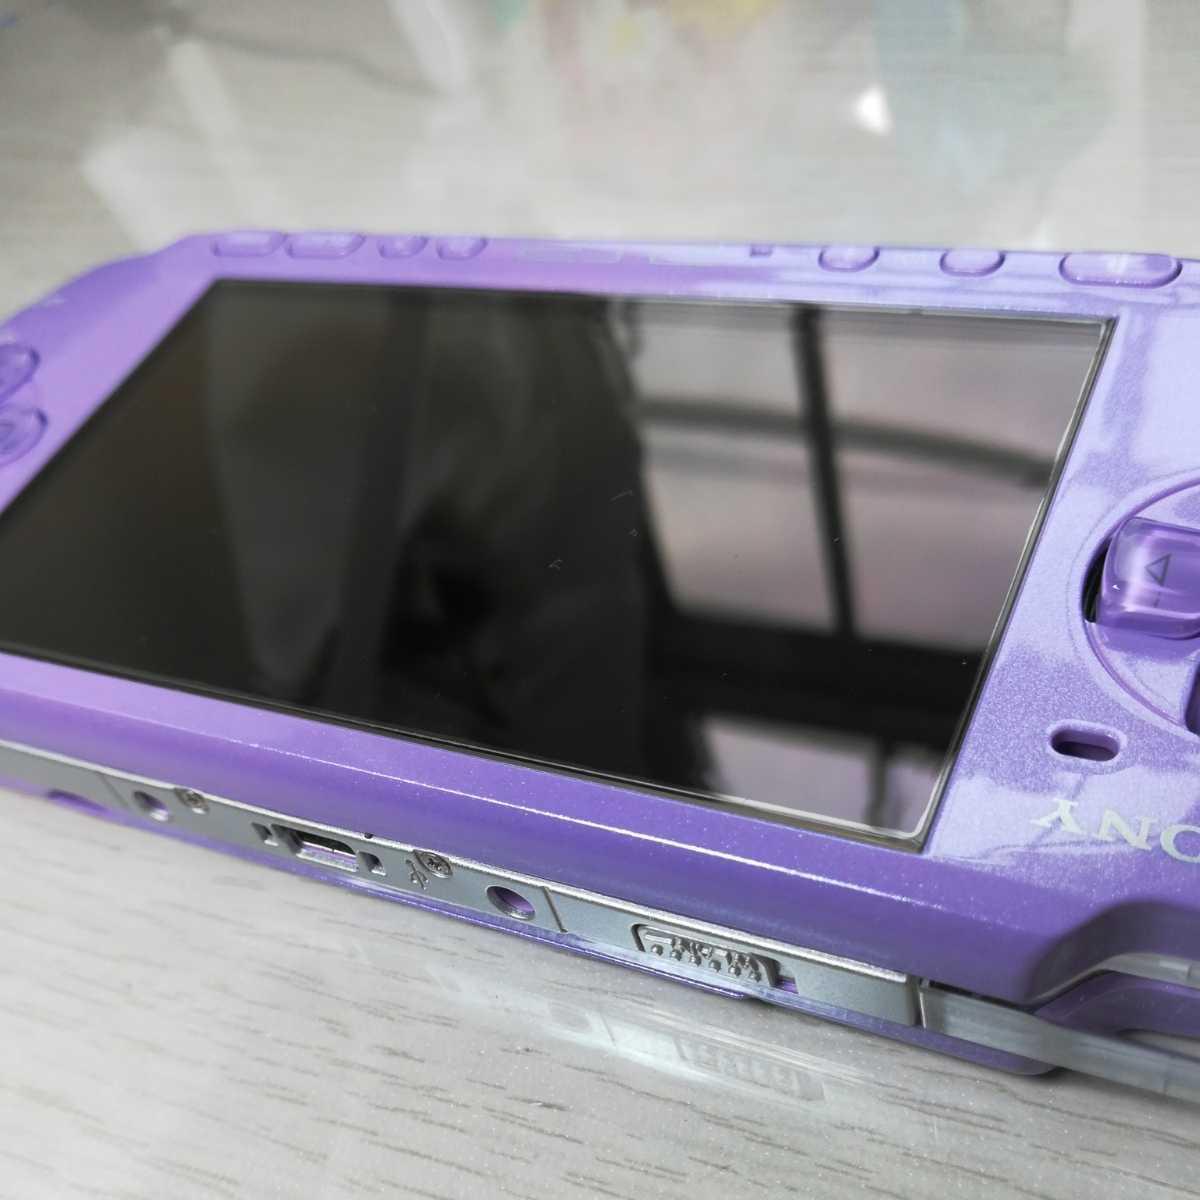 かなり美品 超希少 PSP 3000 ライラックパープル 本体 バッテリー 純正充電器 メモリースティック4GB 液晶保護フィルム アイルー 紫ピンク.